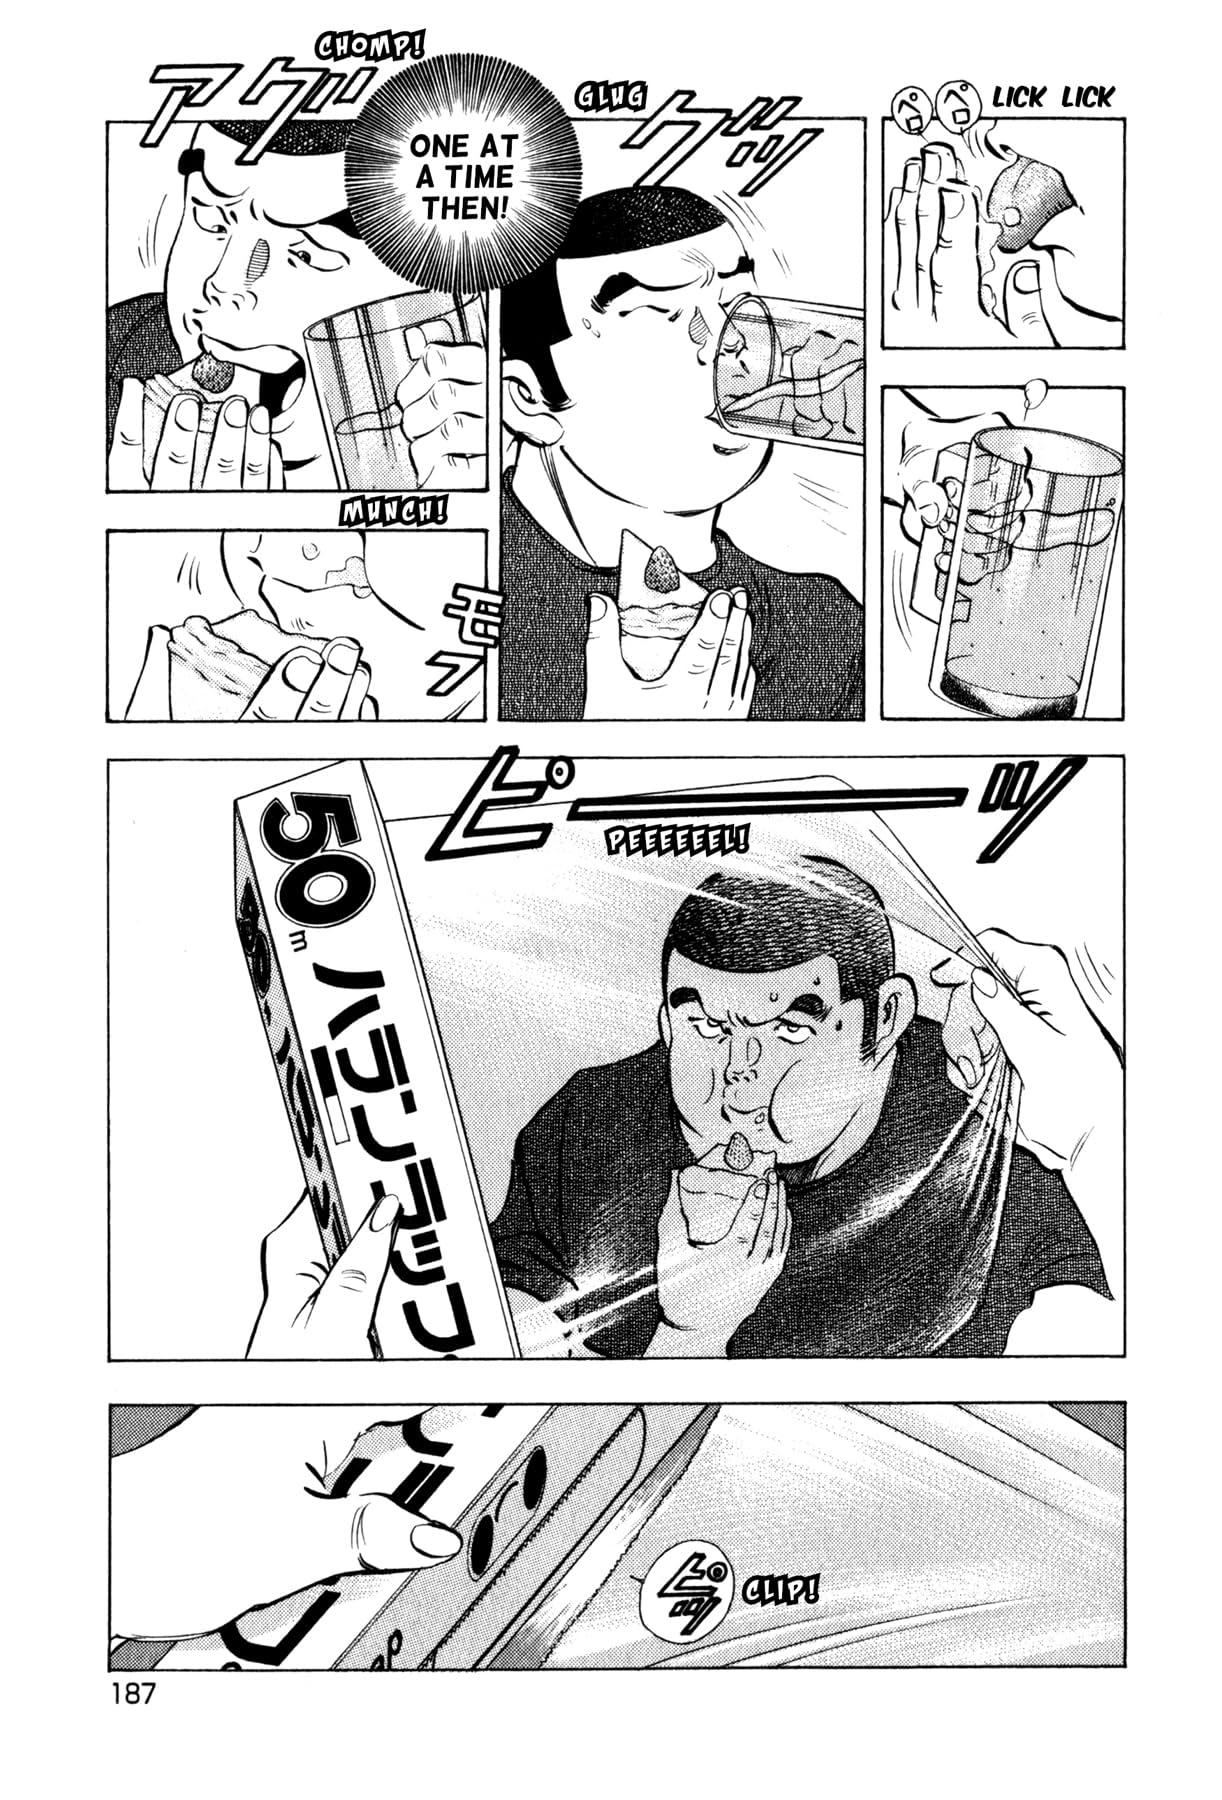 Kuishinbo! #82